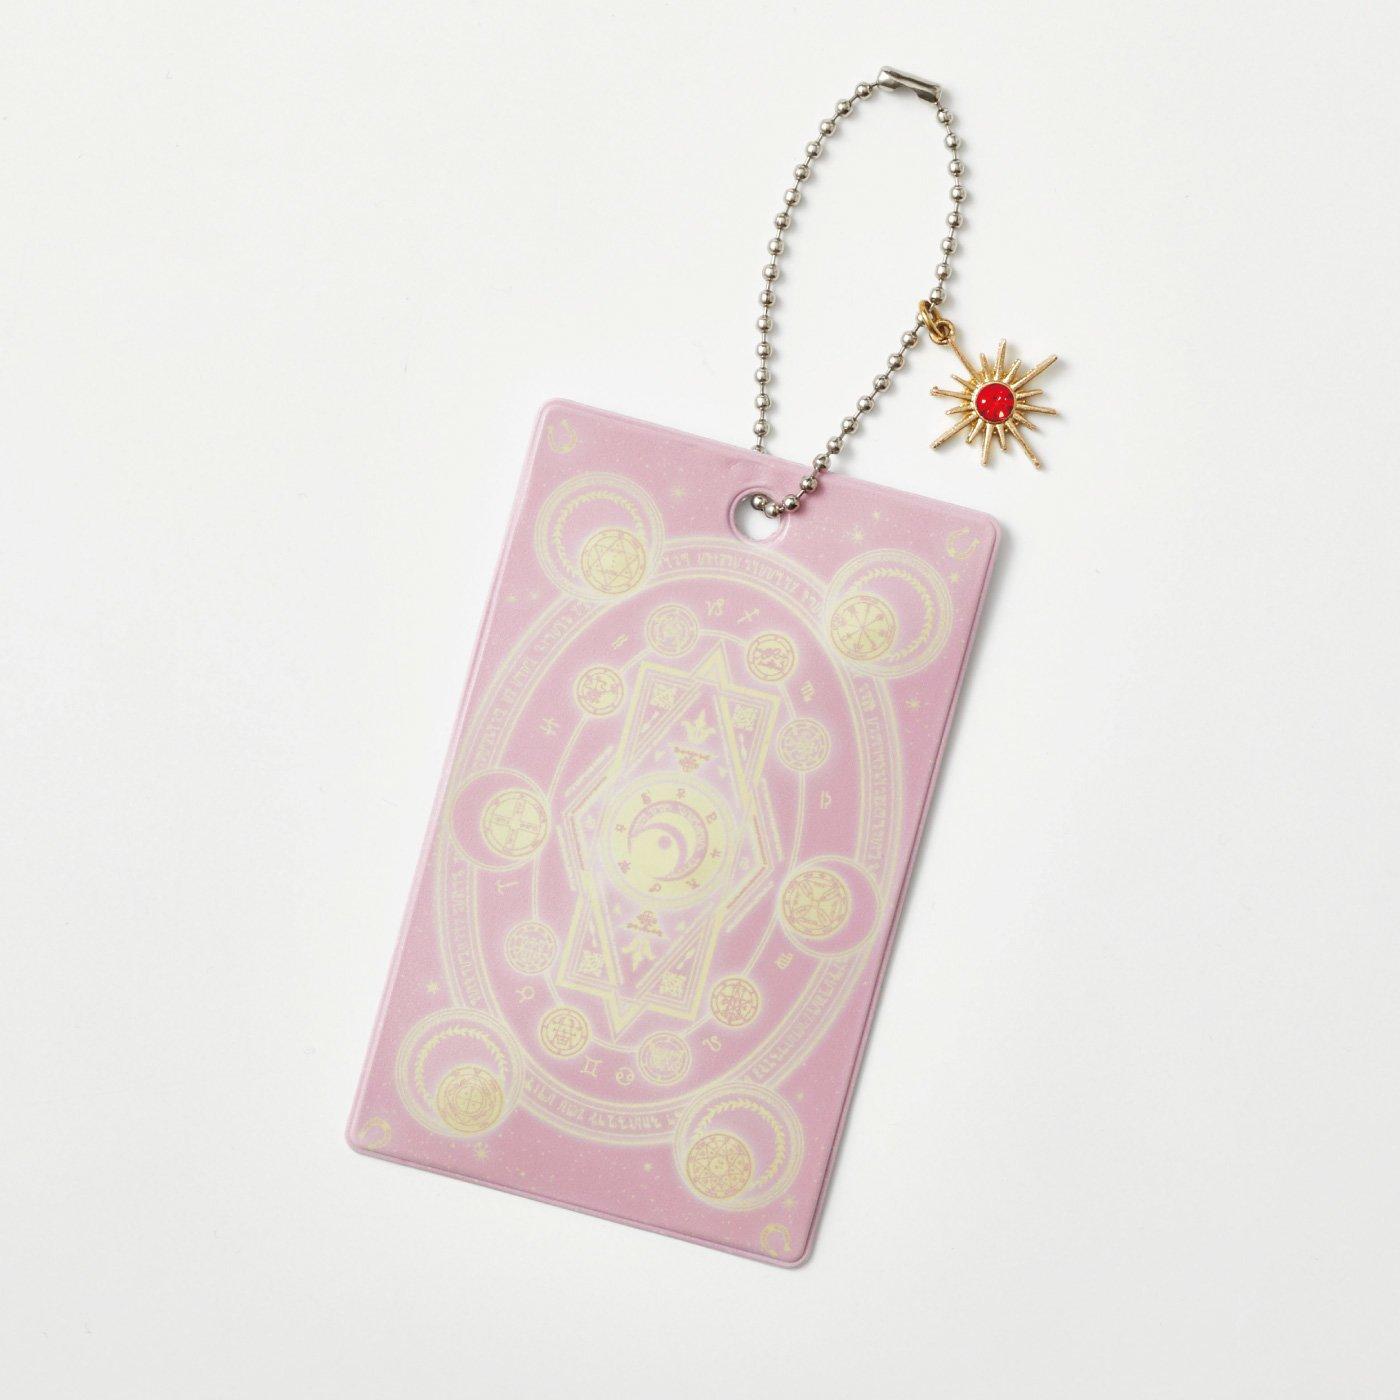 魔法部 明かりがともる アミュレットパスケース〈ピンクトパーズ〉